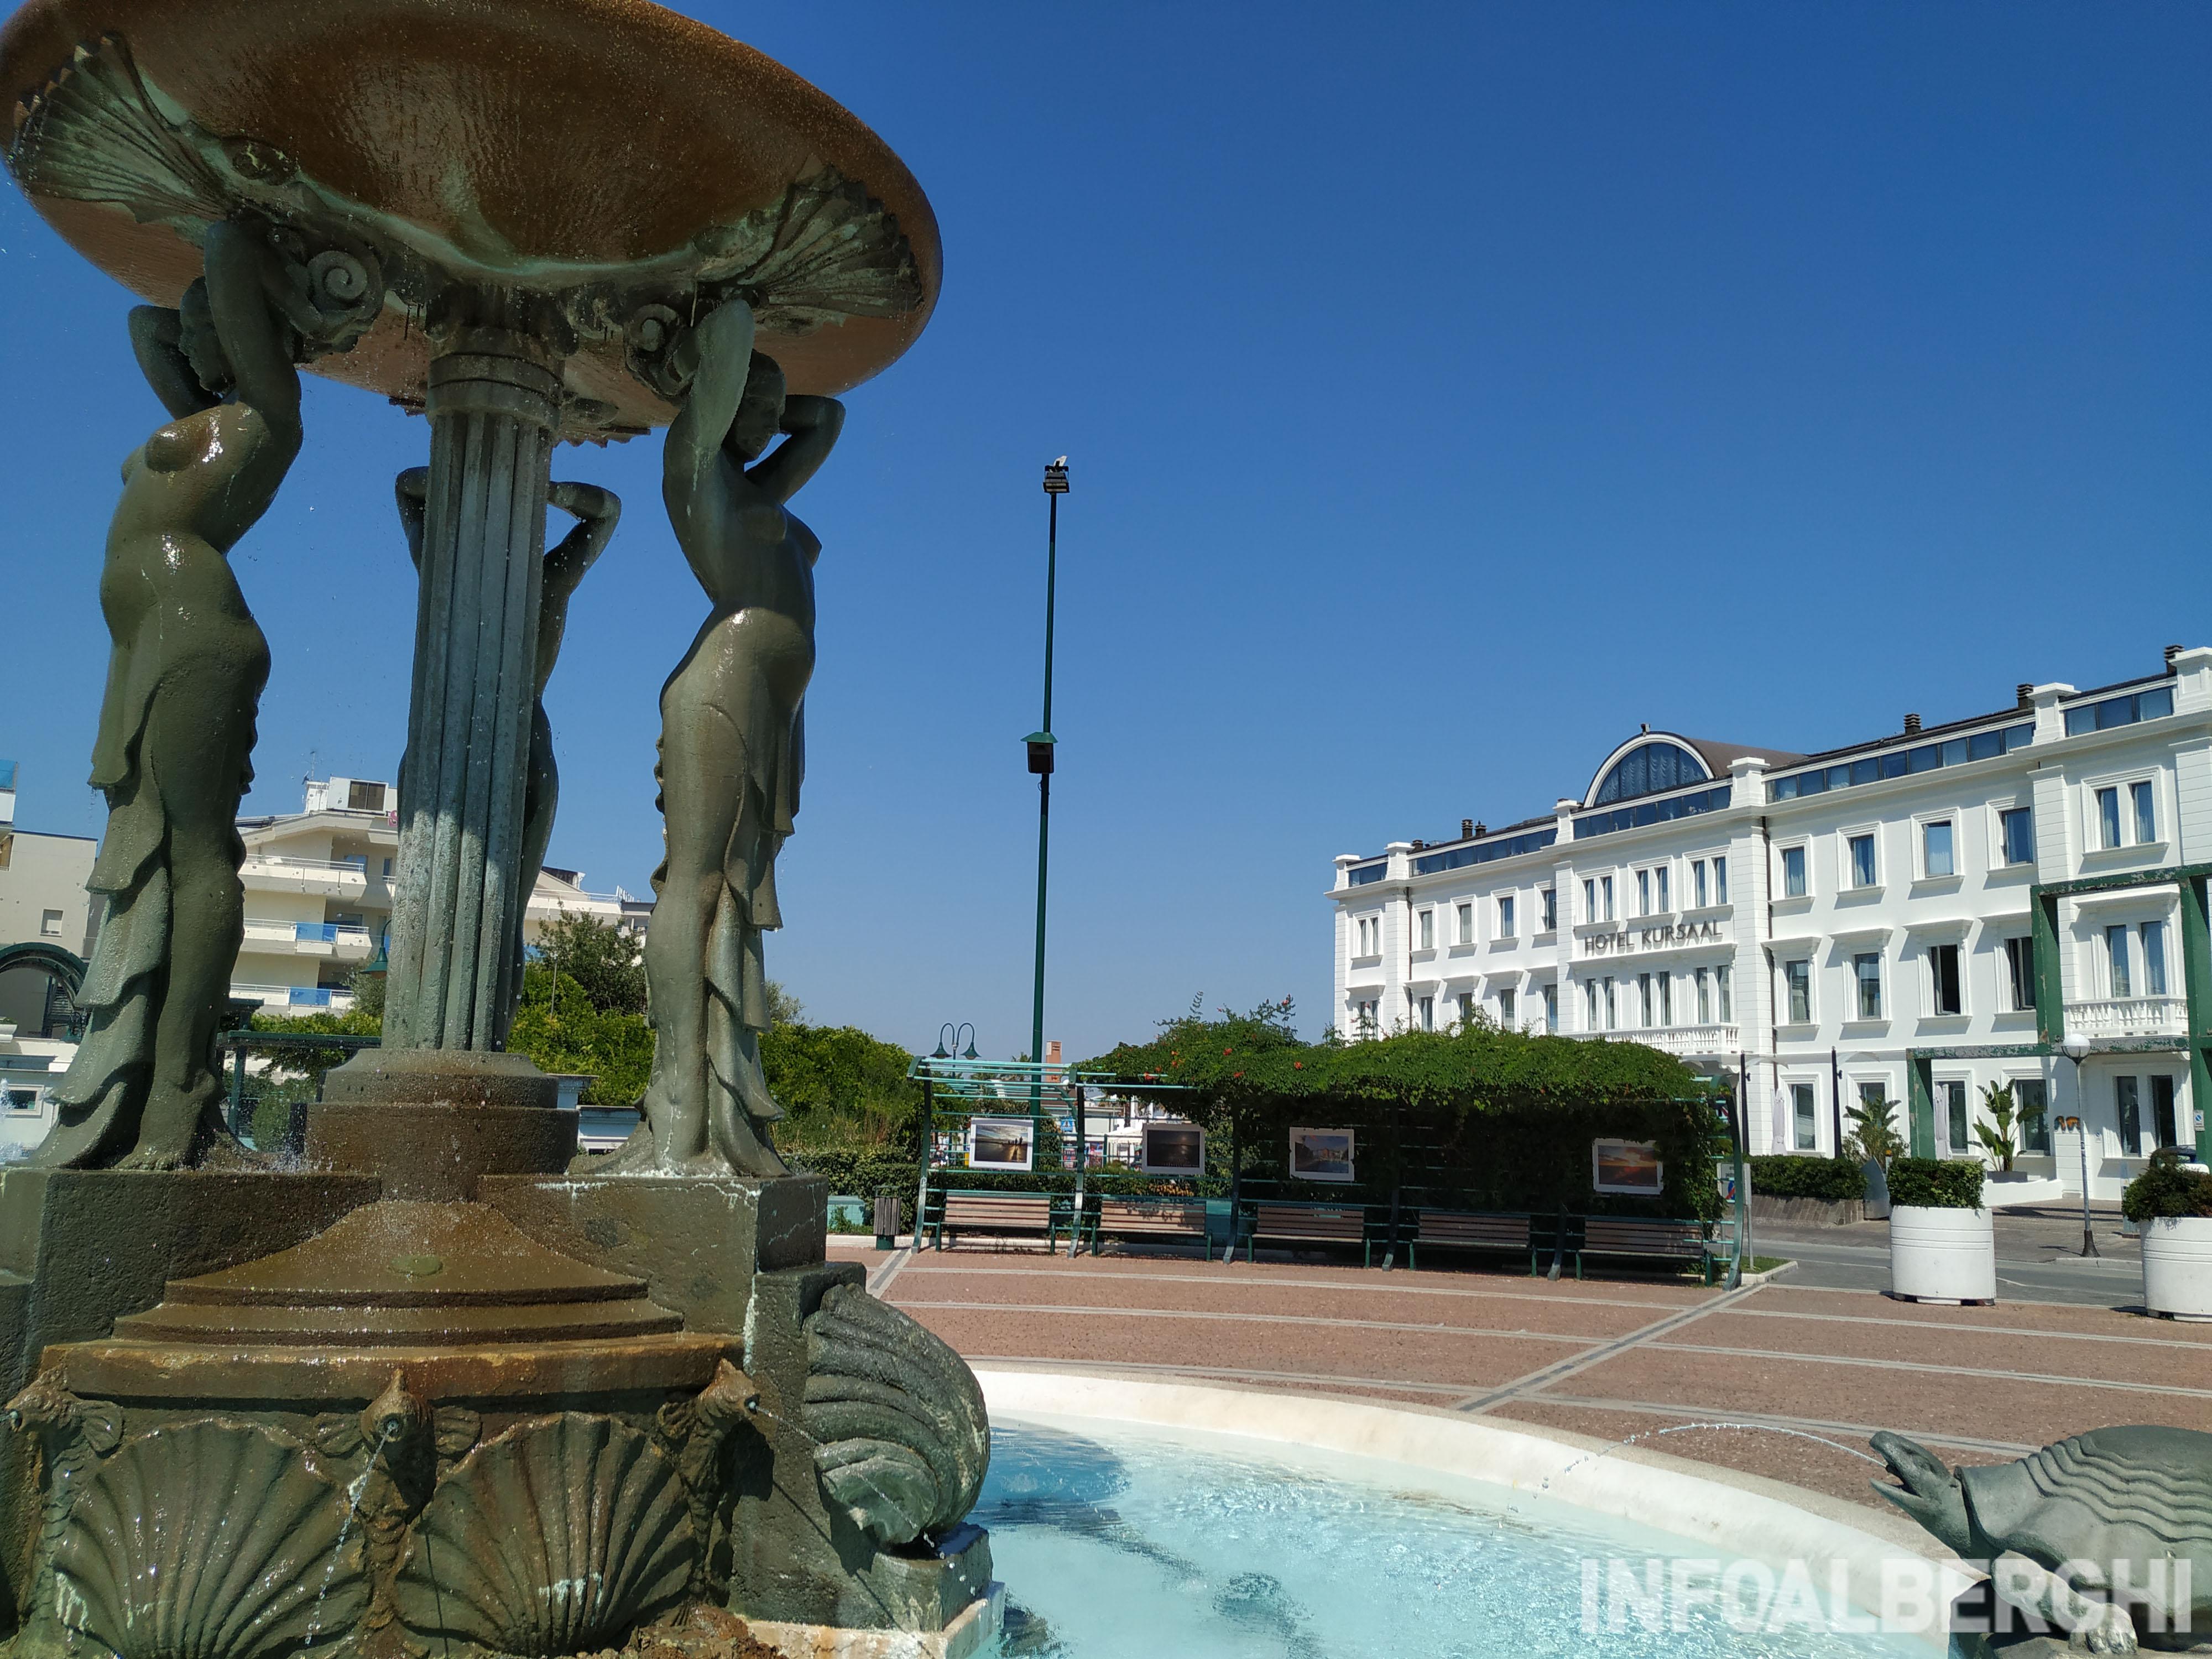 Fontana delle sirene di Cattolica